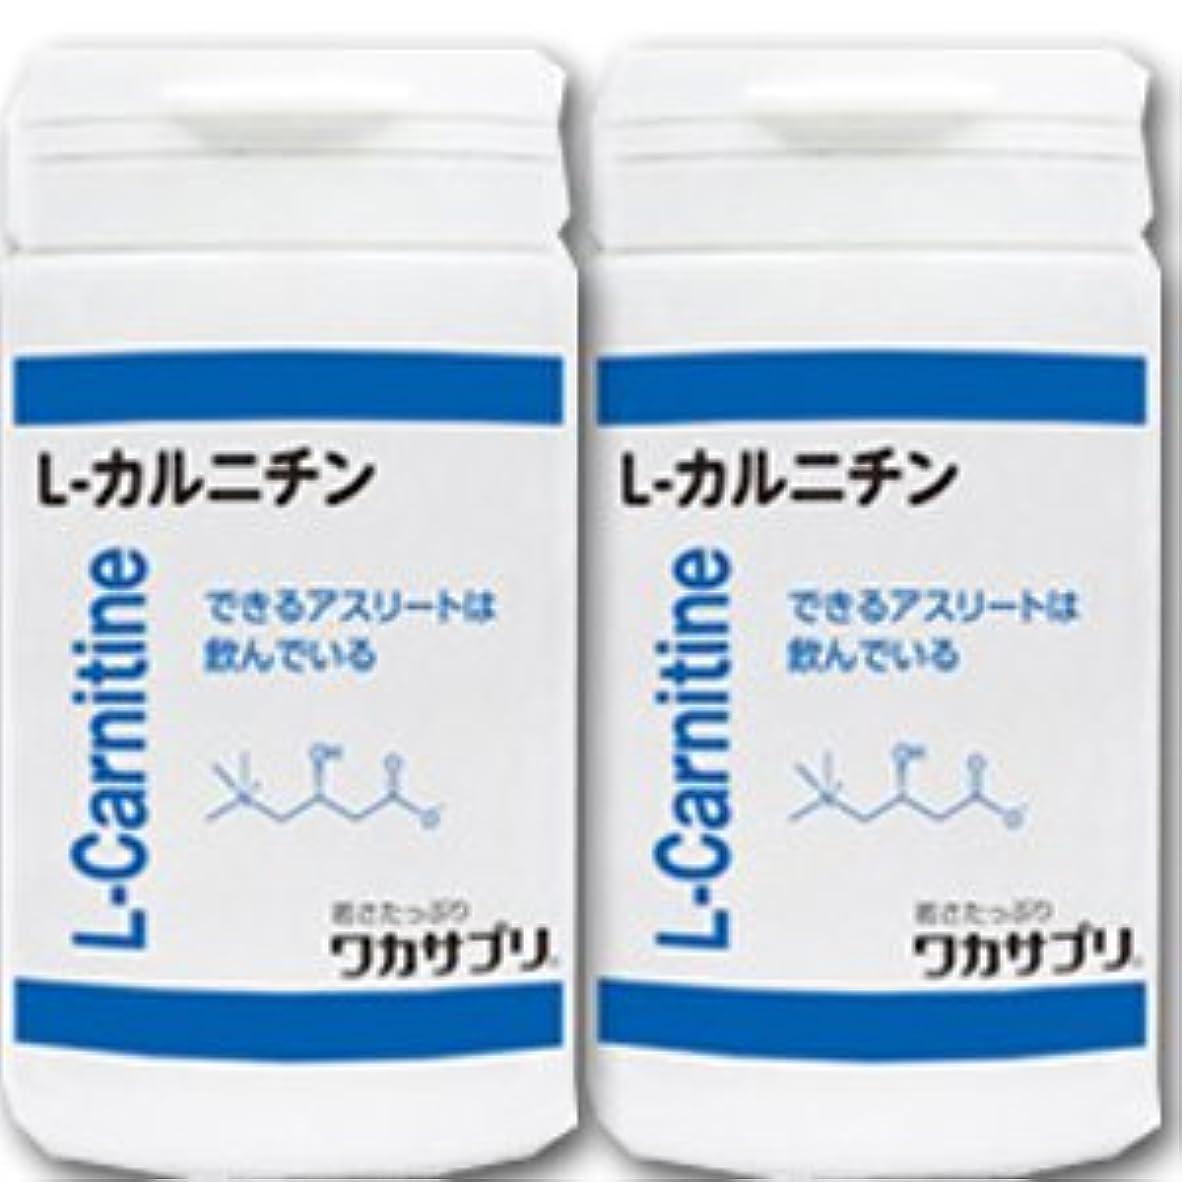 ビジョンコールド予約【2個】 ワカサプリ L-カルニチン 60粒x2個(4562137413703)